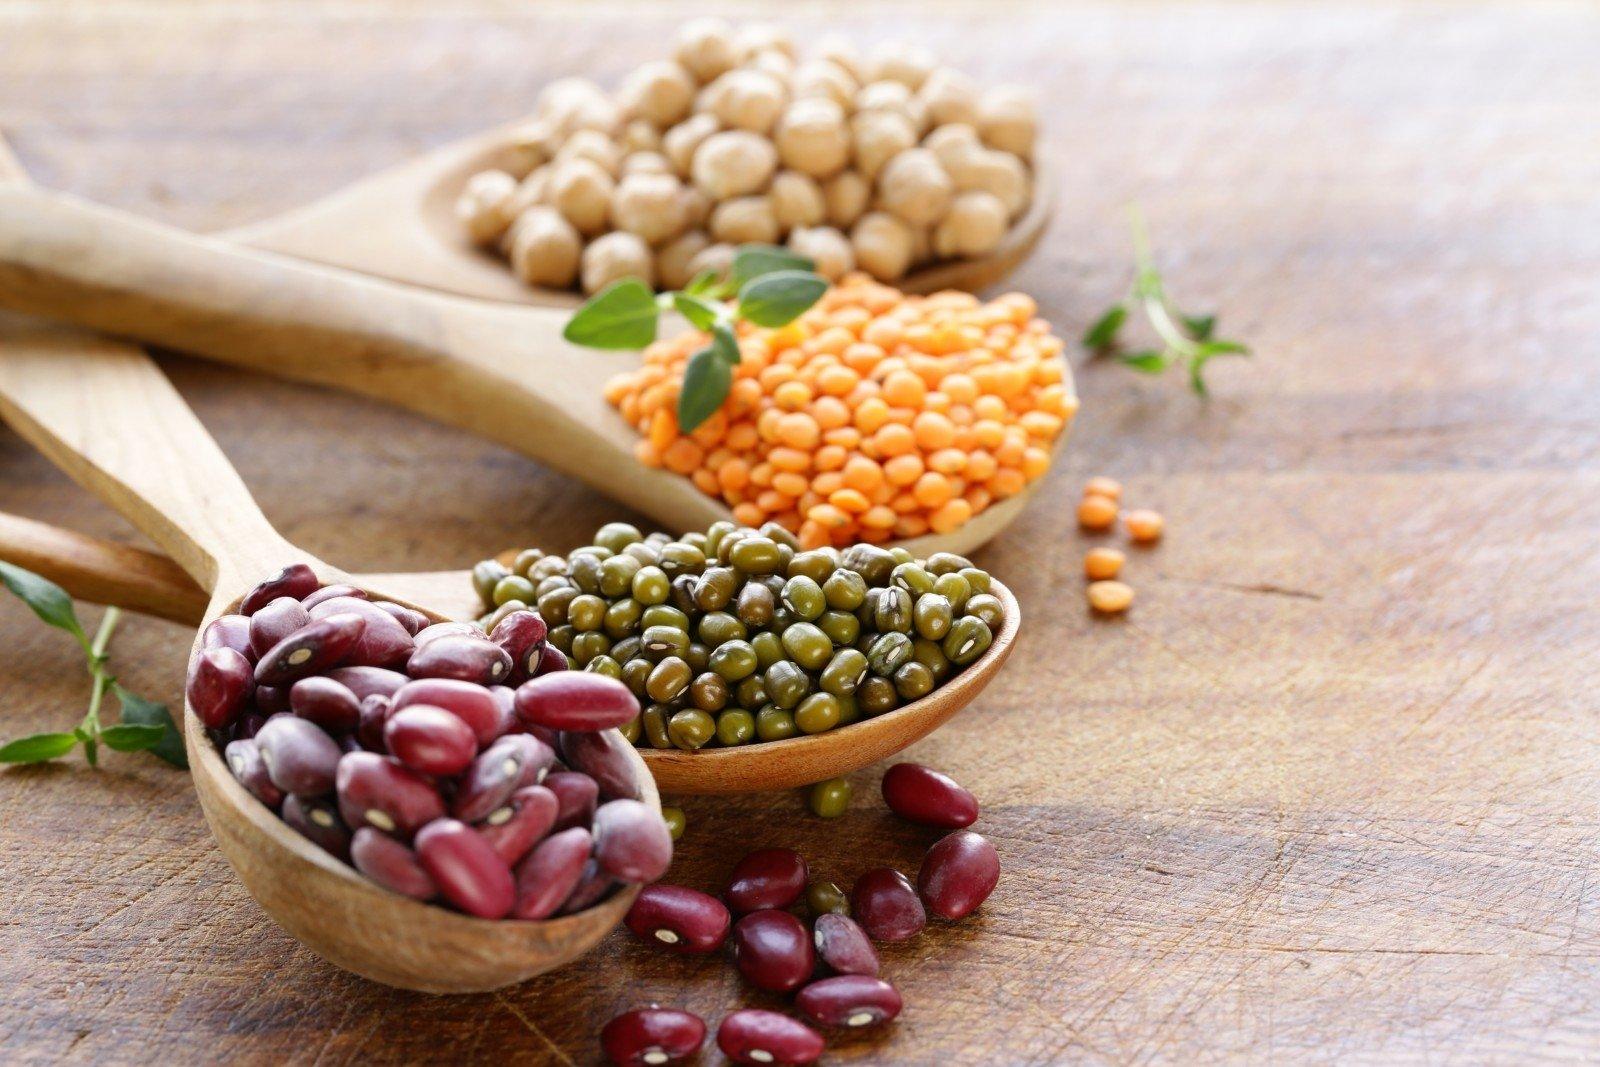 geriausios pupelės širdies sveikatai kraujagysles plečiantys vaistai nuo hipertenzijos ir cukrinio diabeto